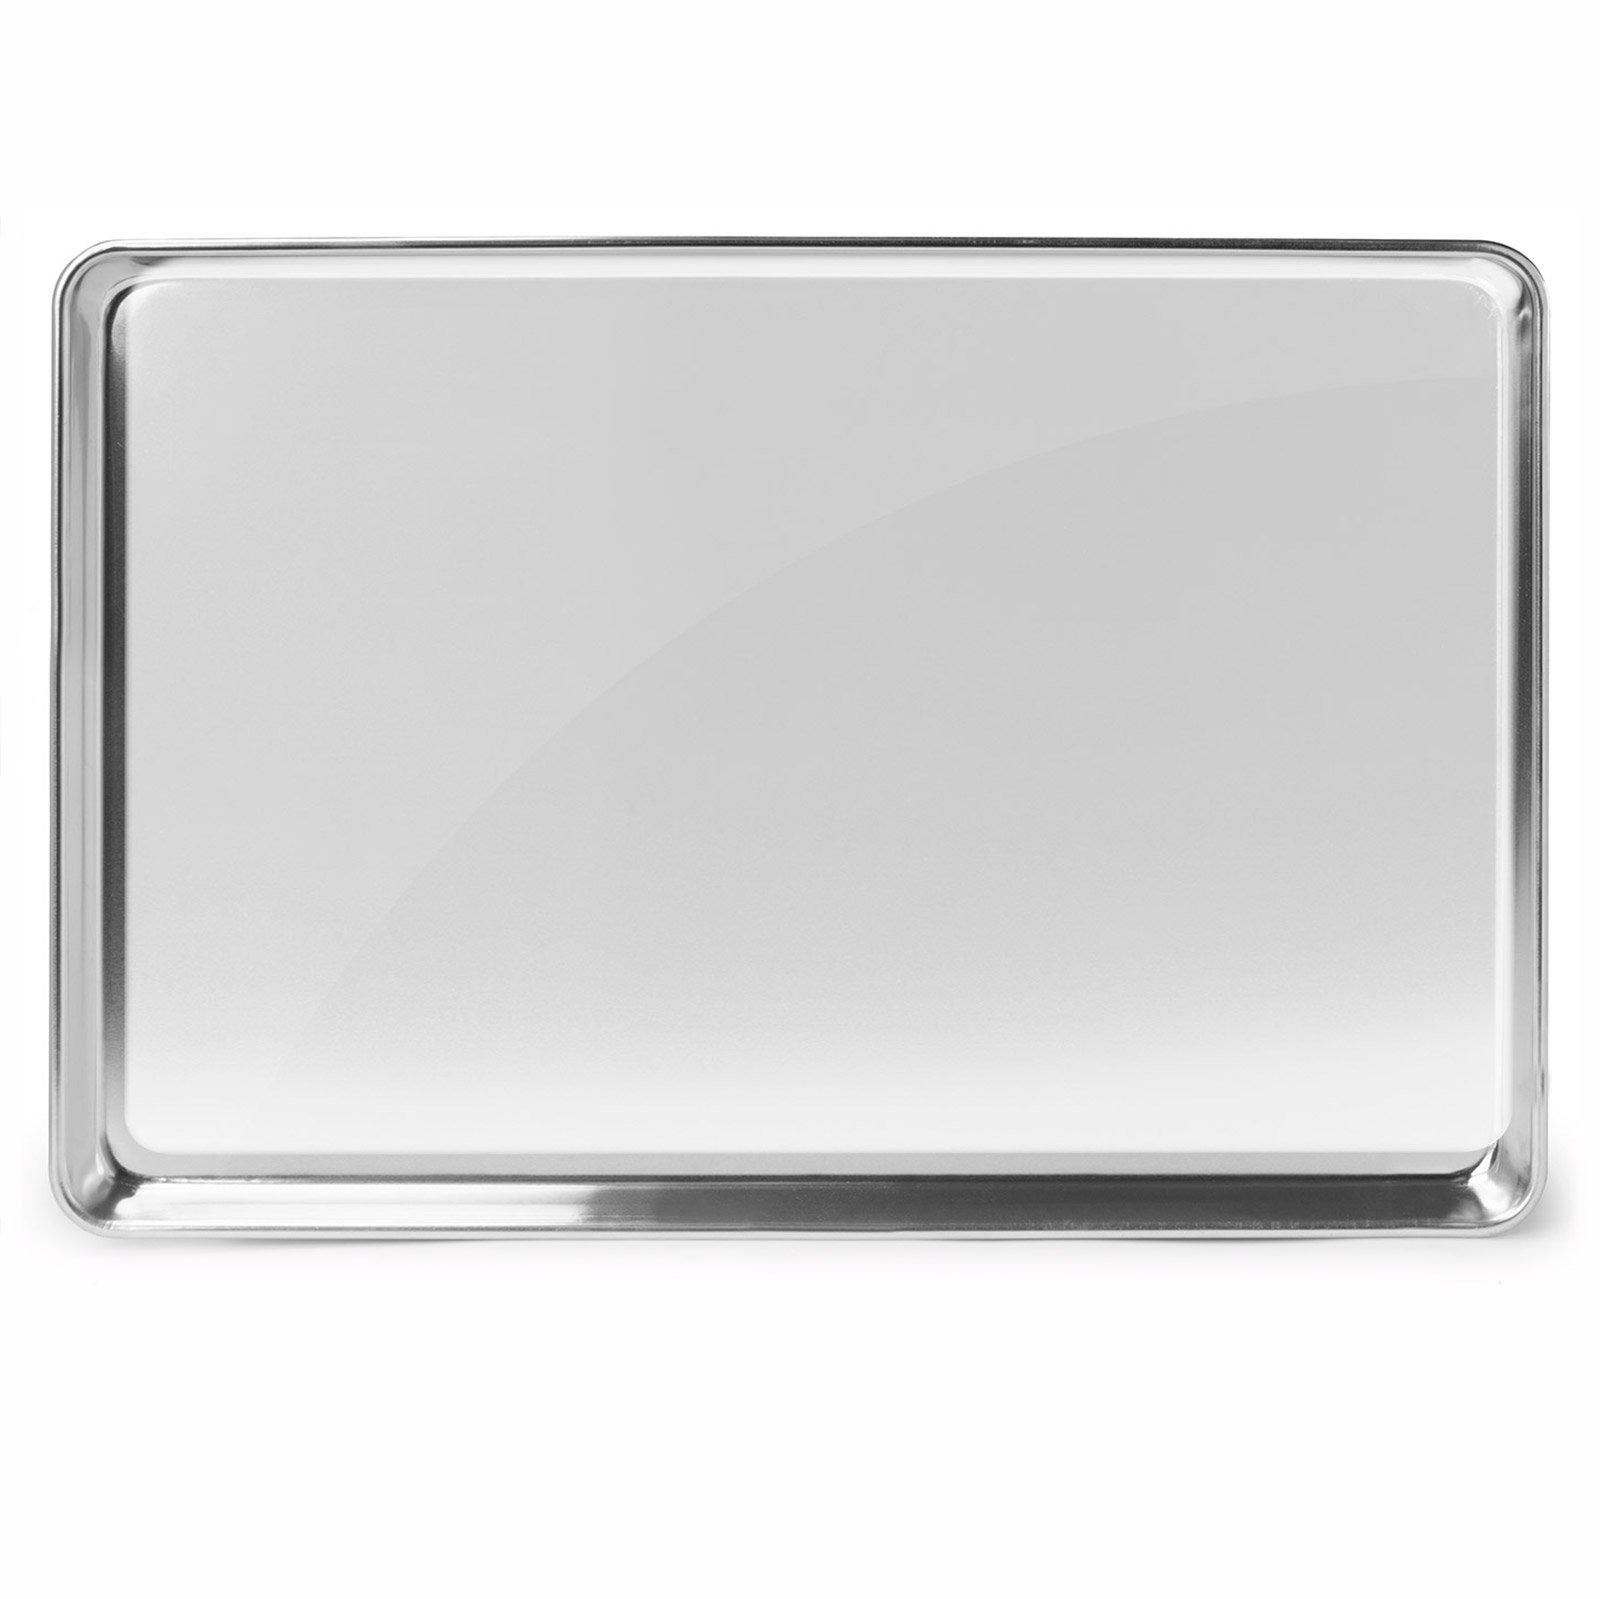 Gridmann 18 x 26 Commercial Grade Aluminium Cookie Sheet Baking Tray Pan Full Sheet - 12 Pans by Gridmann (Image #5)